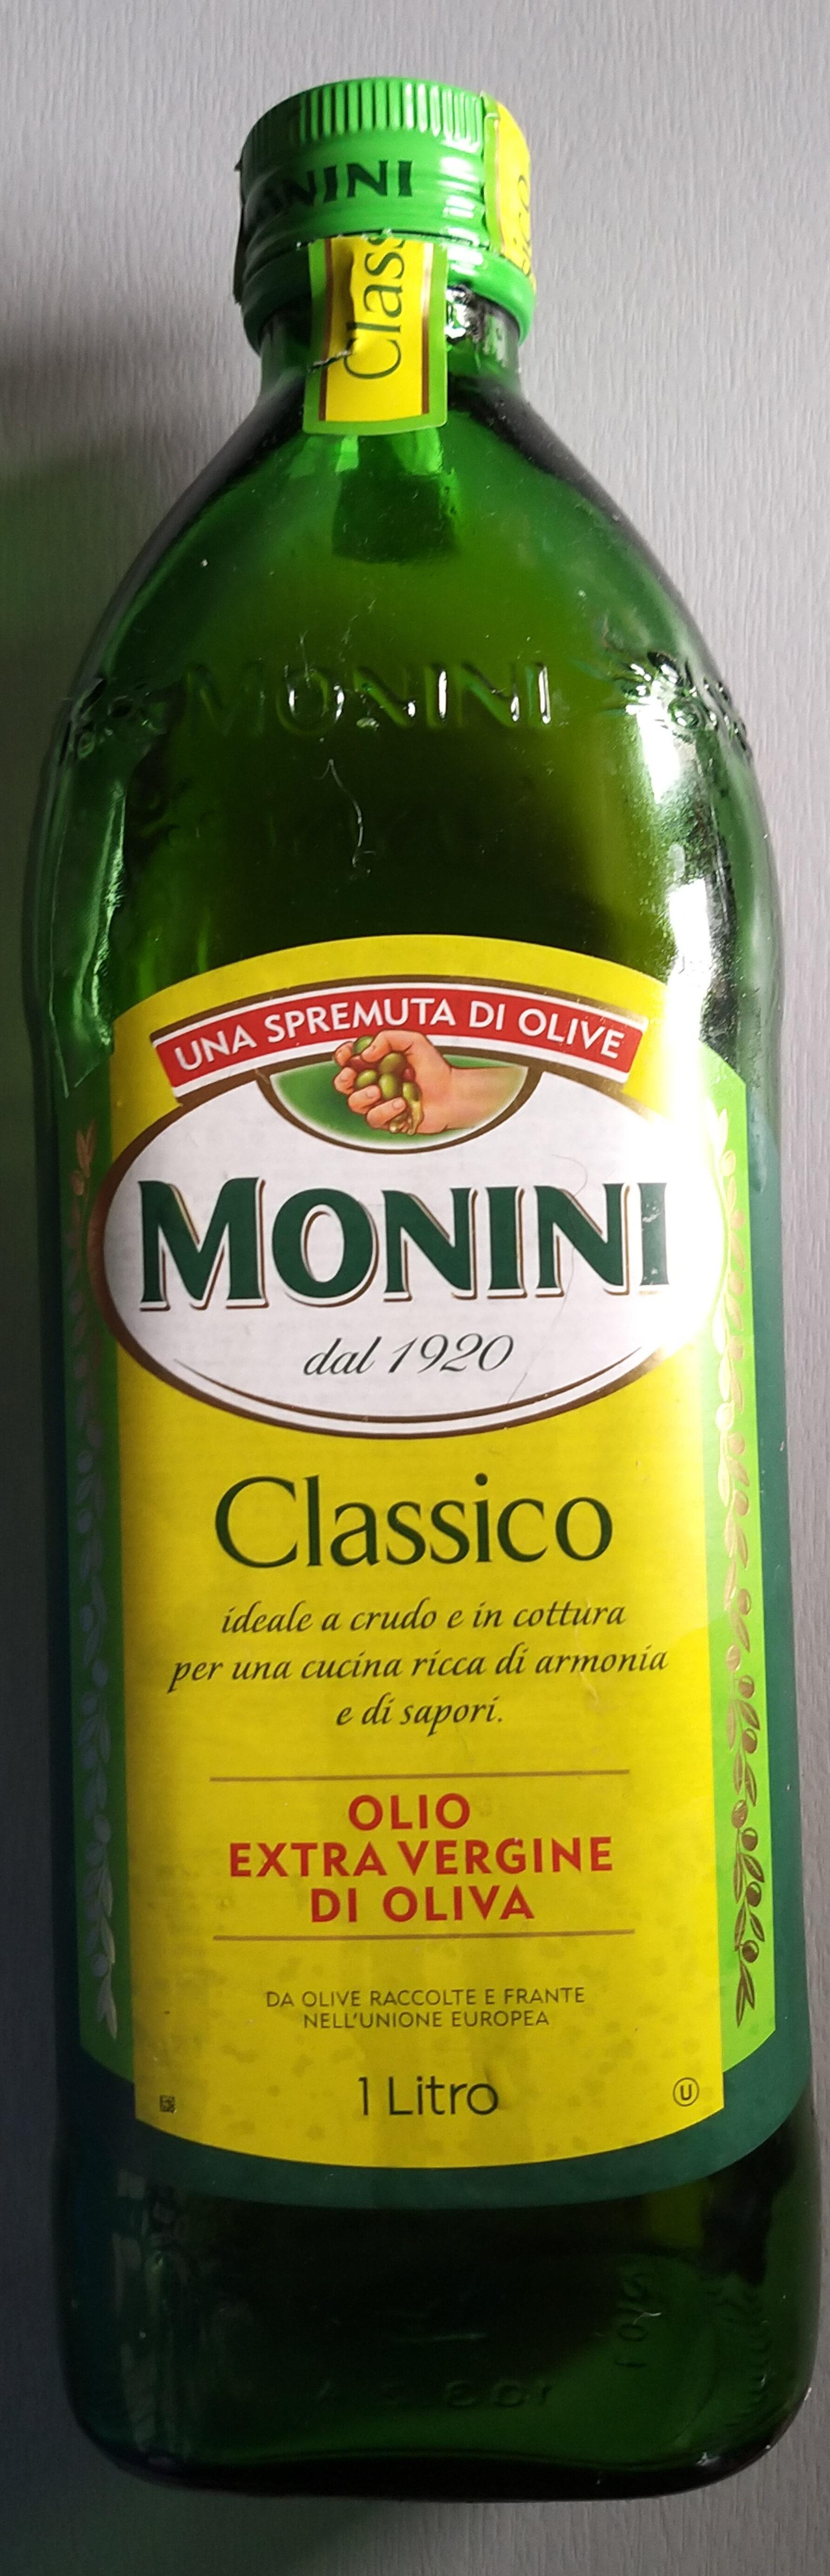 Monini Classico Olio Extra Vergine - Prodotto - it